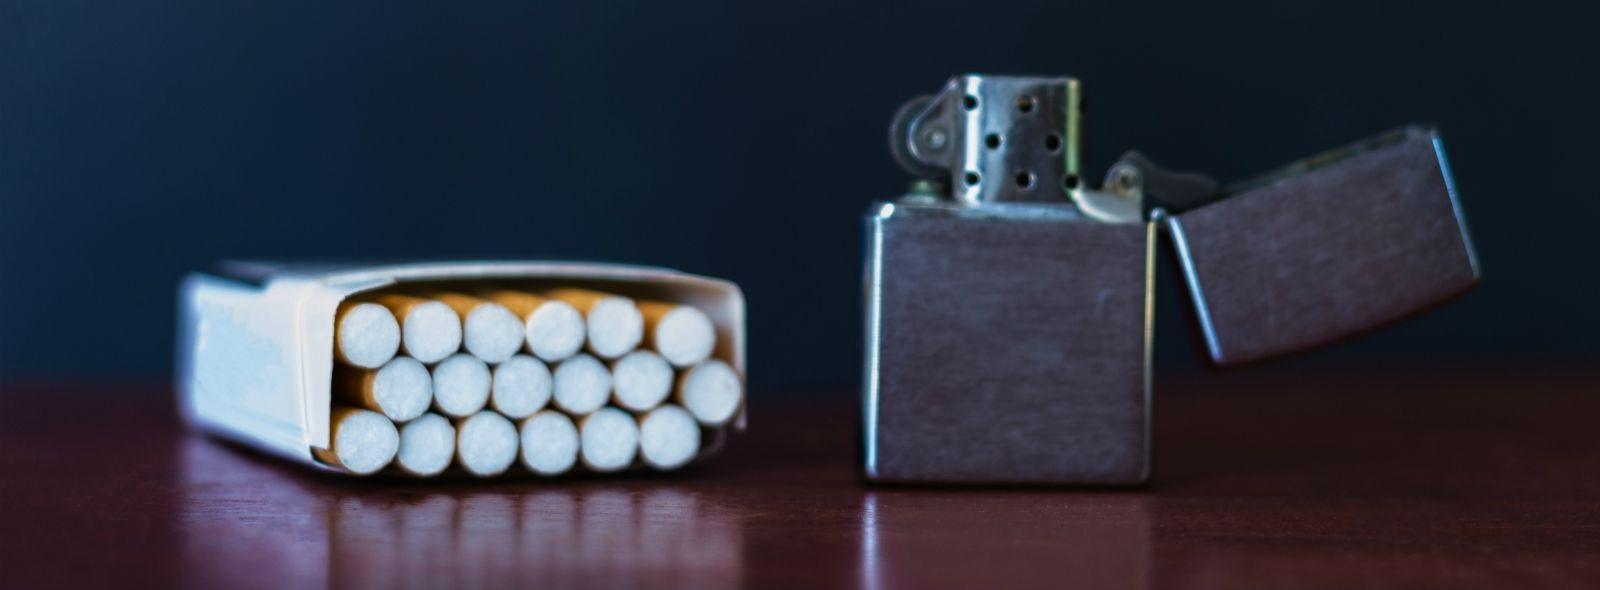 Come ricevere sigarette a domicilio